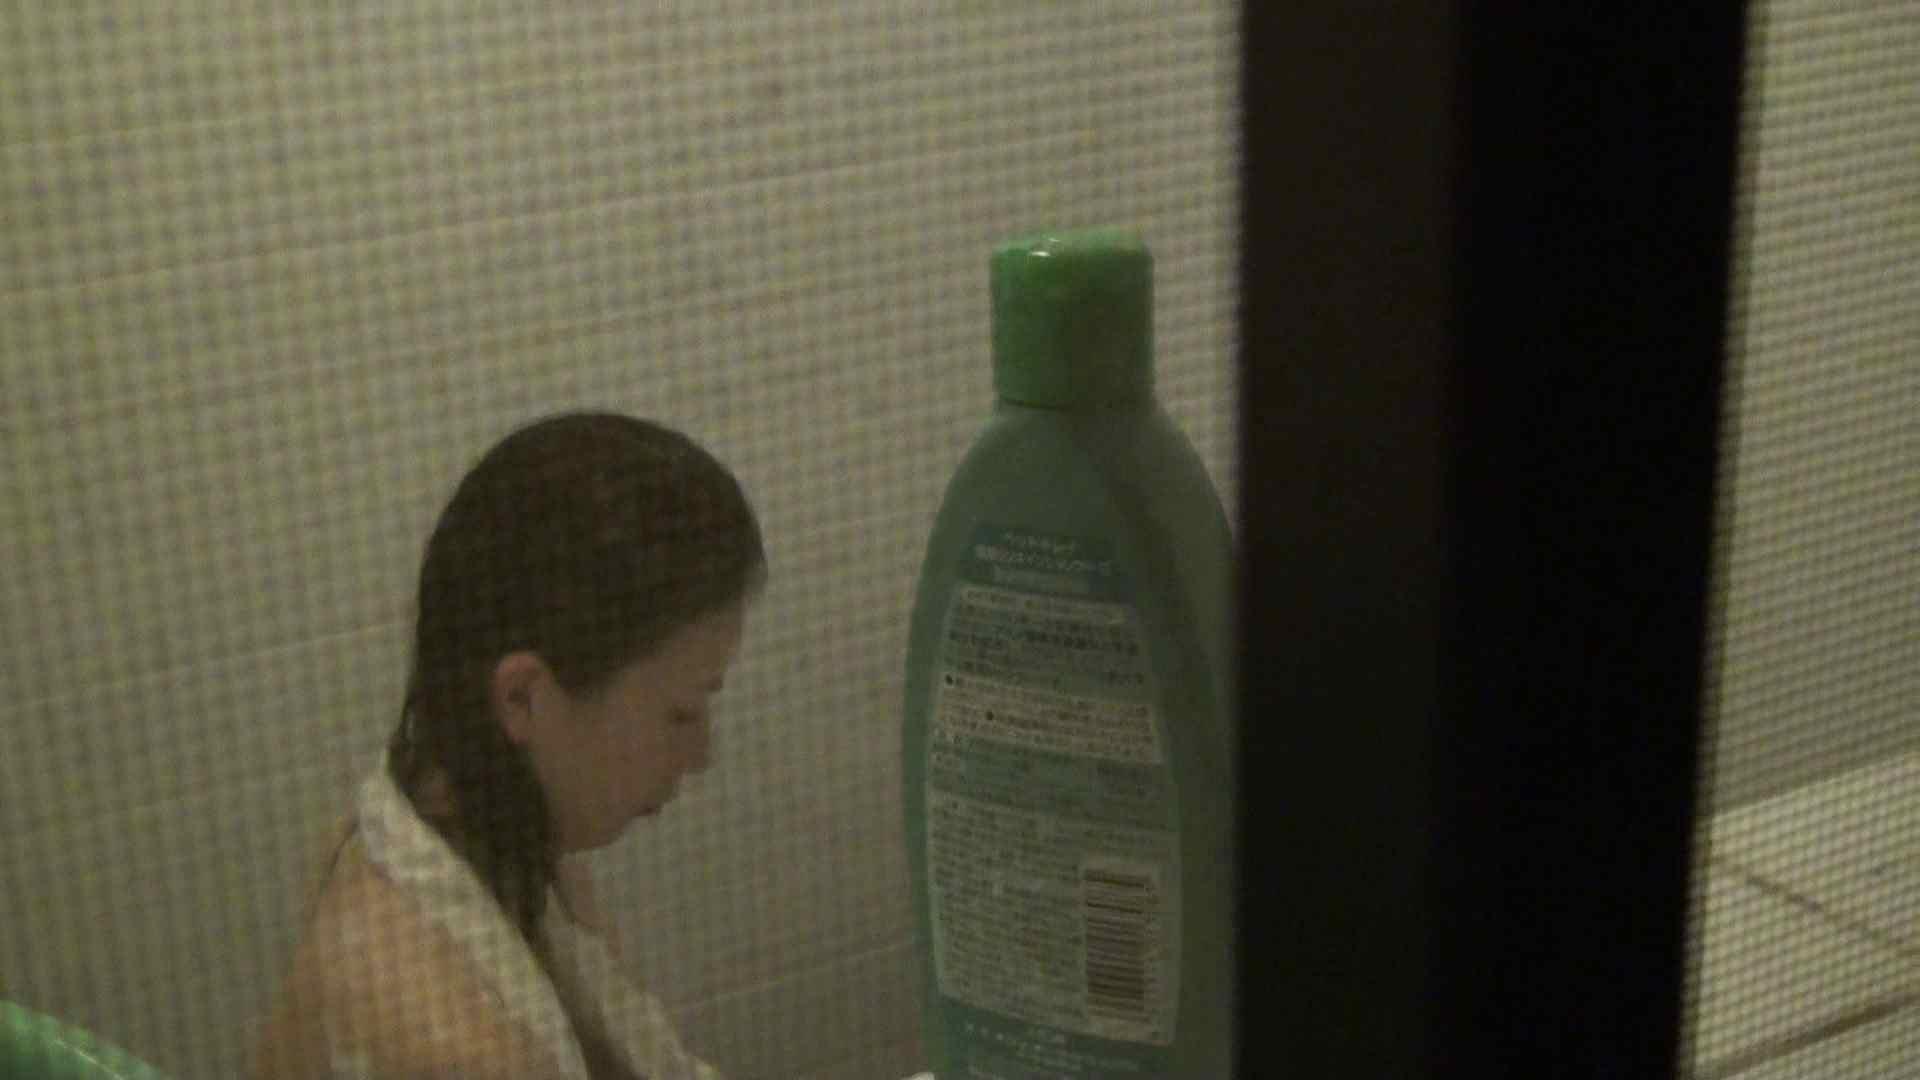 vol.06顔を洗い流す極上お女市さんの裸体をハイビジョンで!風呂上り着替え必見! 覗き エロ画像 68画像 23